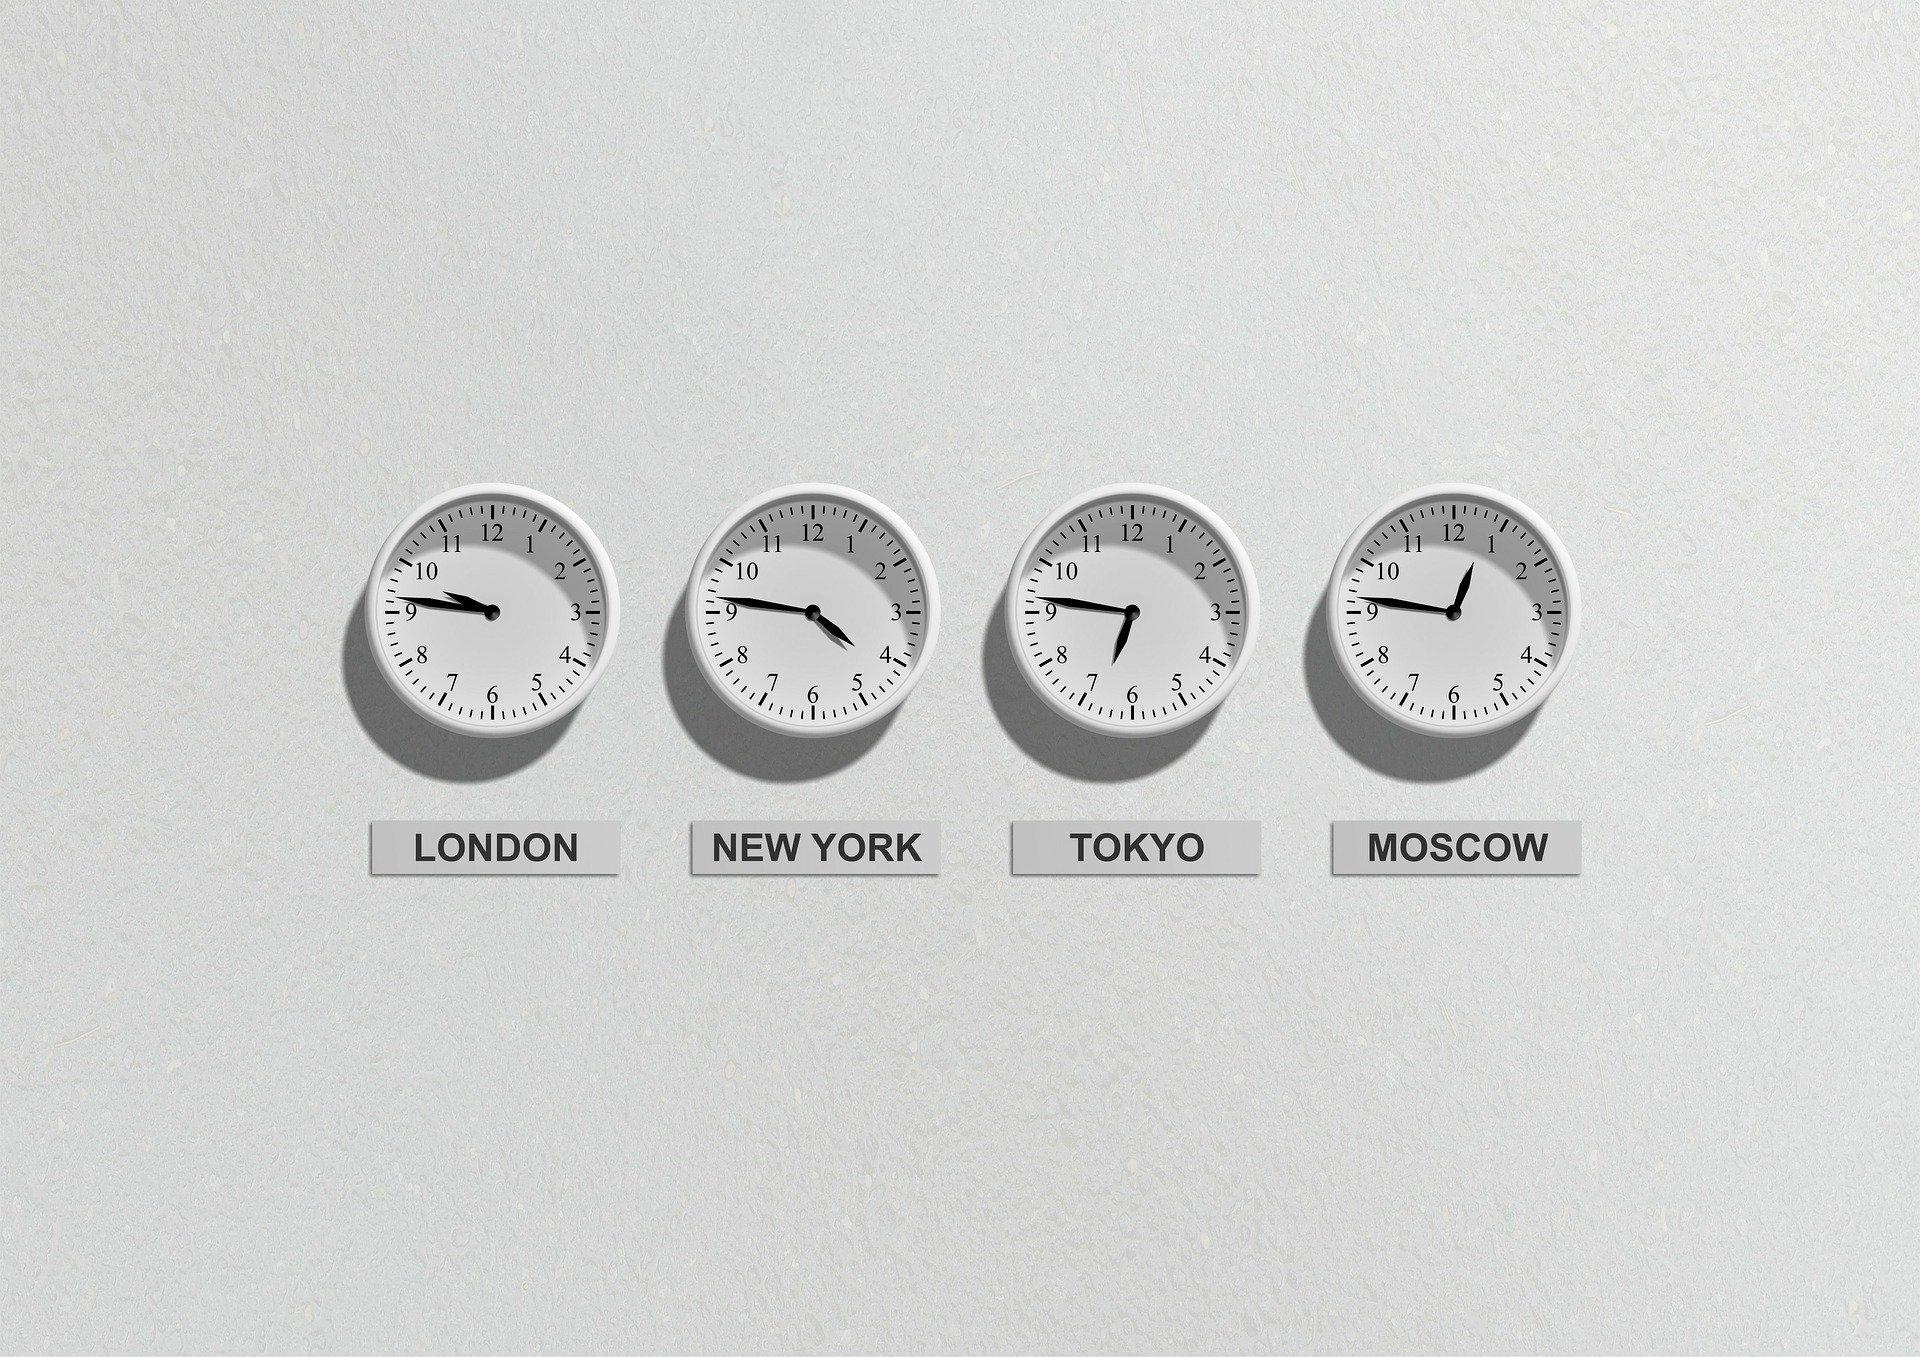 Синхронізація вашого біологічного годинника з щоденним розкладом - фото № 1